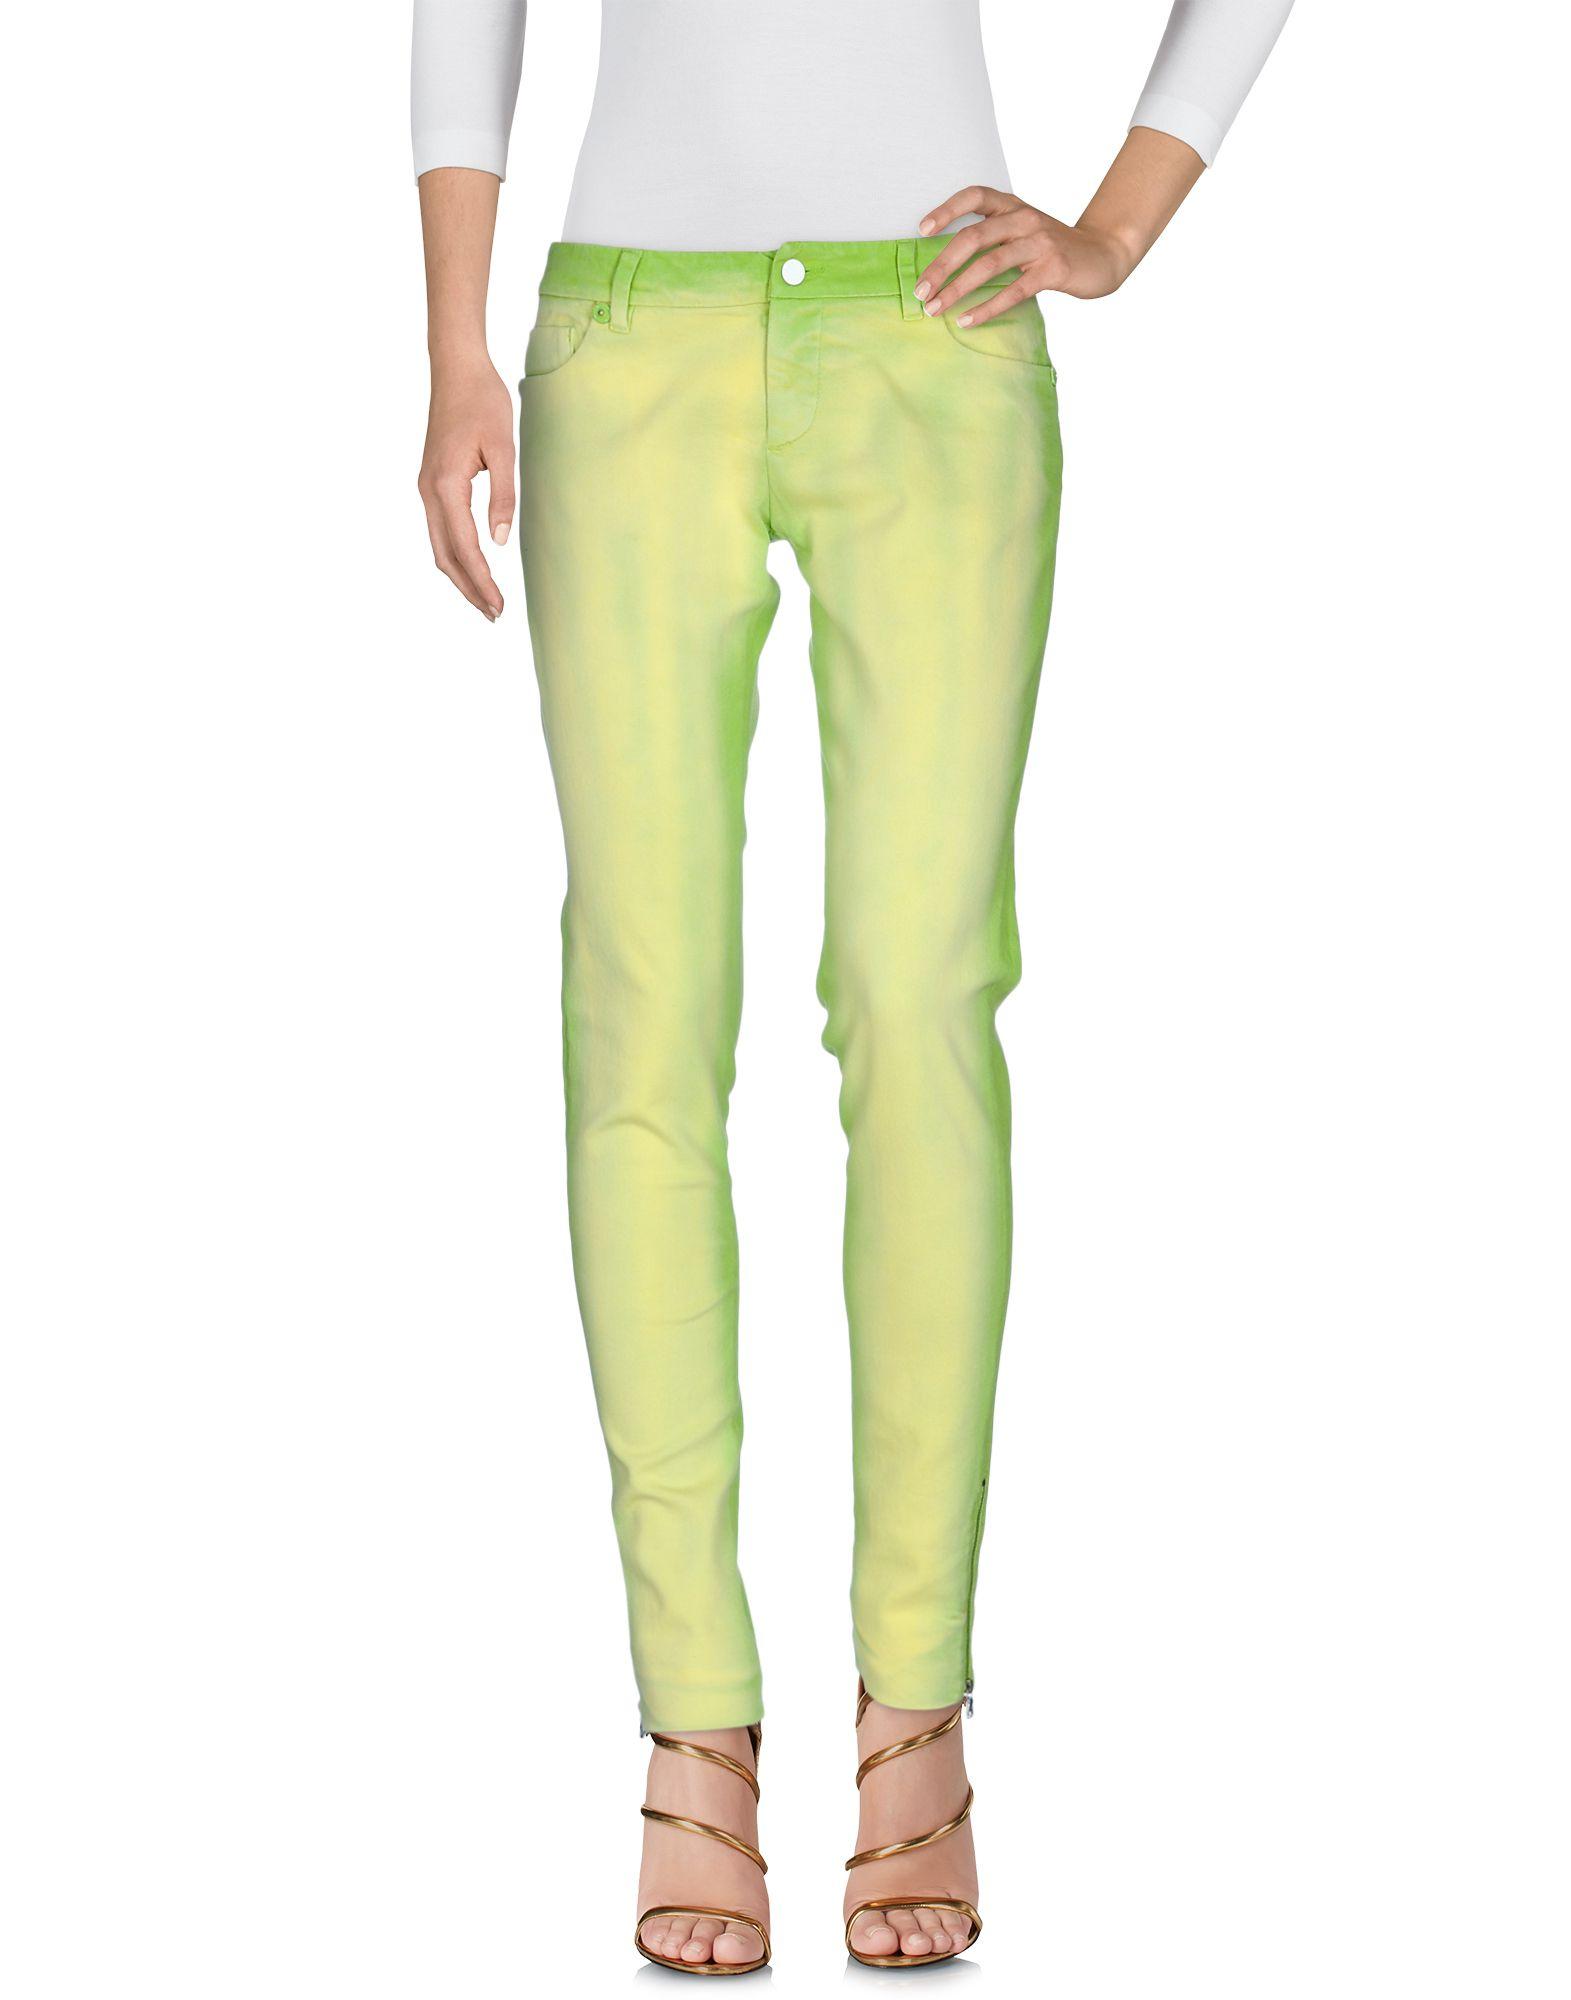 PRADA SPORT Damen Jeanshose Farbe Hellgrün Größe 2